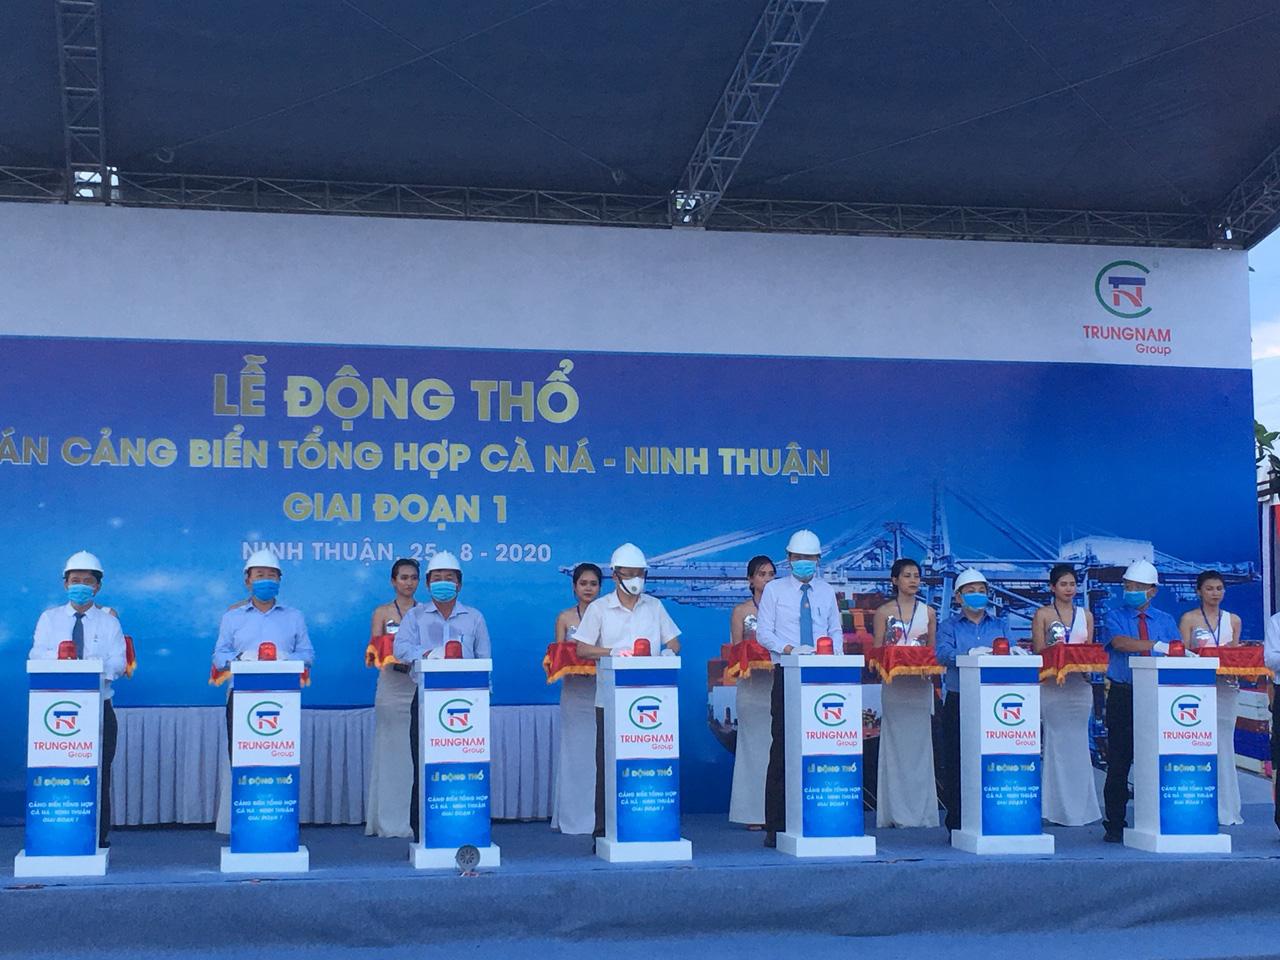 Ninh Thuận: Trung Nam Group tổ chức lễ động thổ dự án cảng biển tổng hợp Cà Ná - Ảnh 1.